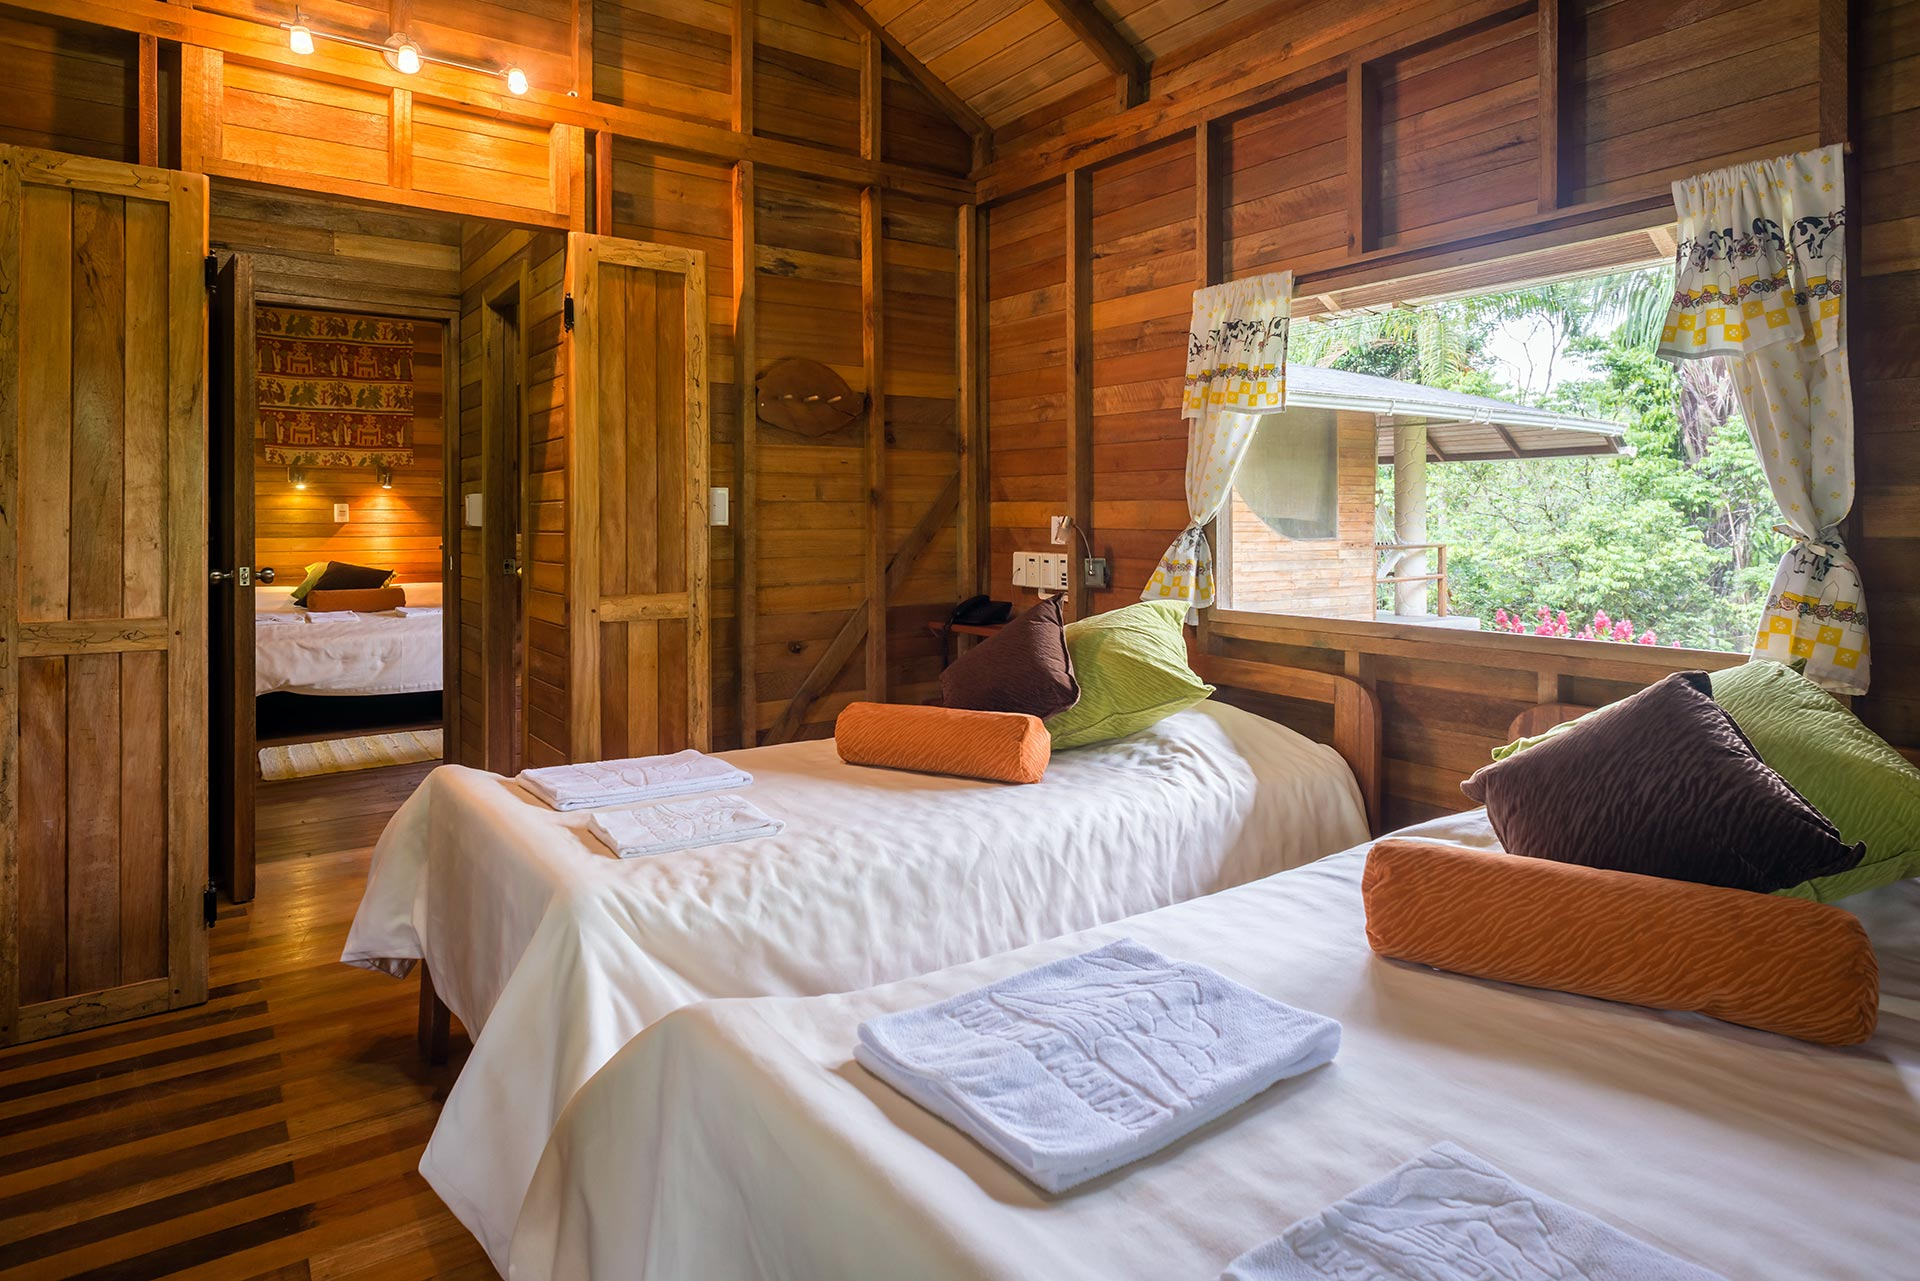 Hoster a hakuna matata habitaciones precios for Alojamiento estancia 30m2